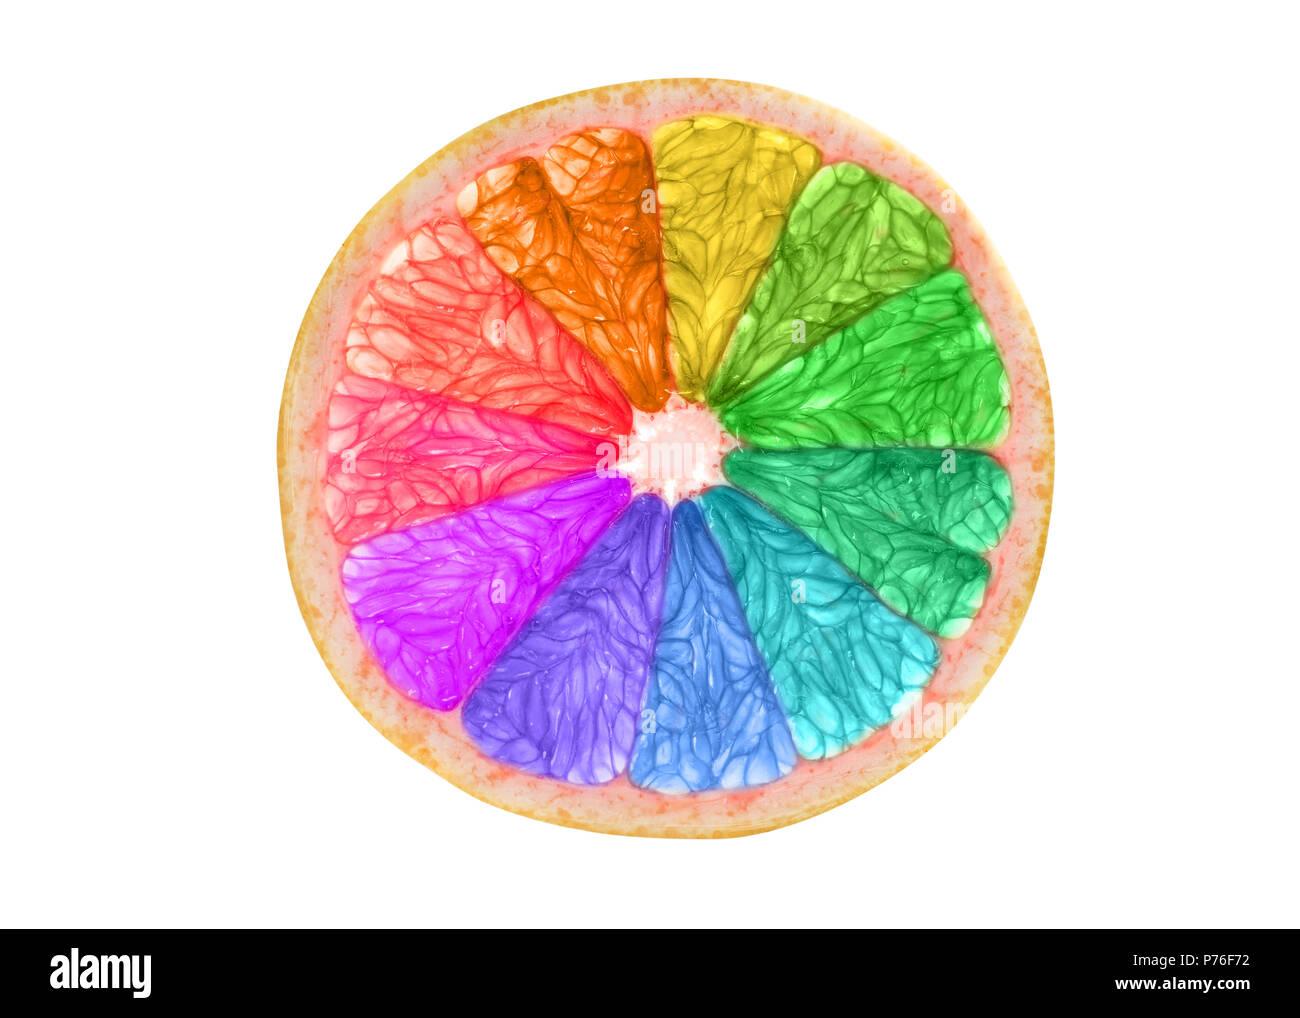 Regenbogenfarbige citrus Slice auf weißem Hintergrund Stockbild